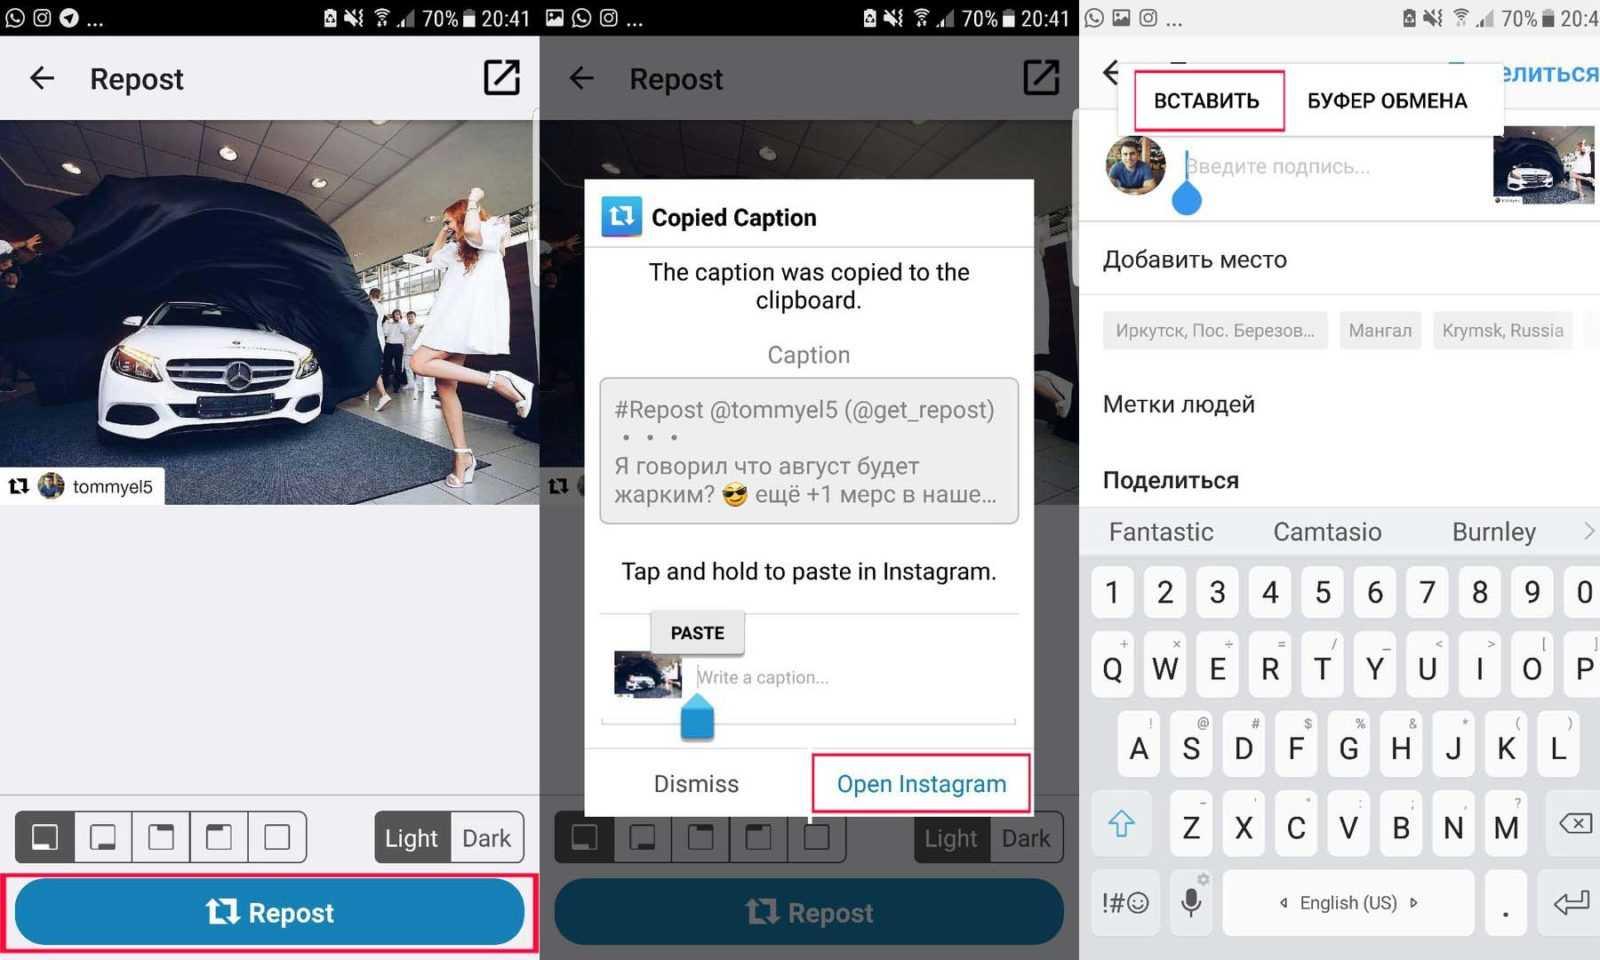 Как сделать круг с текстом на фото в инстаграмм